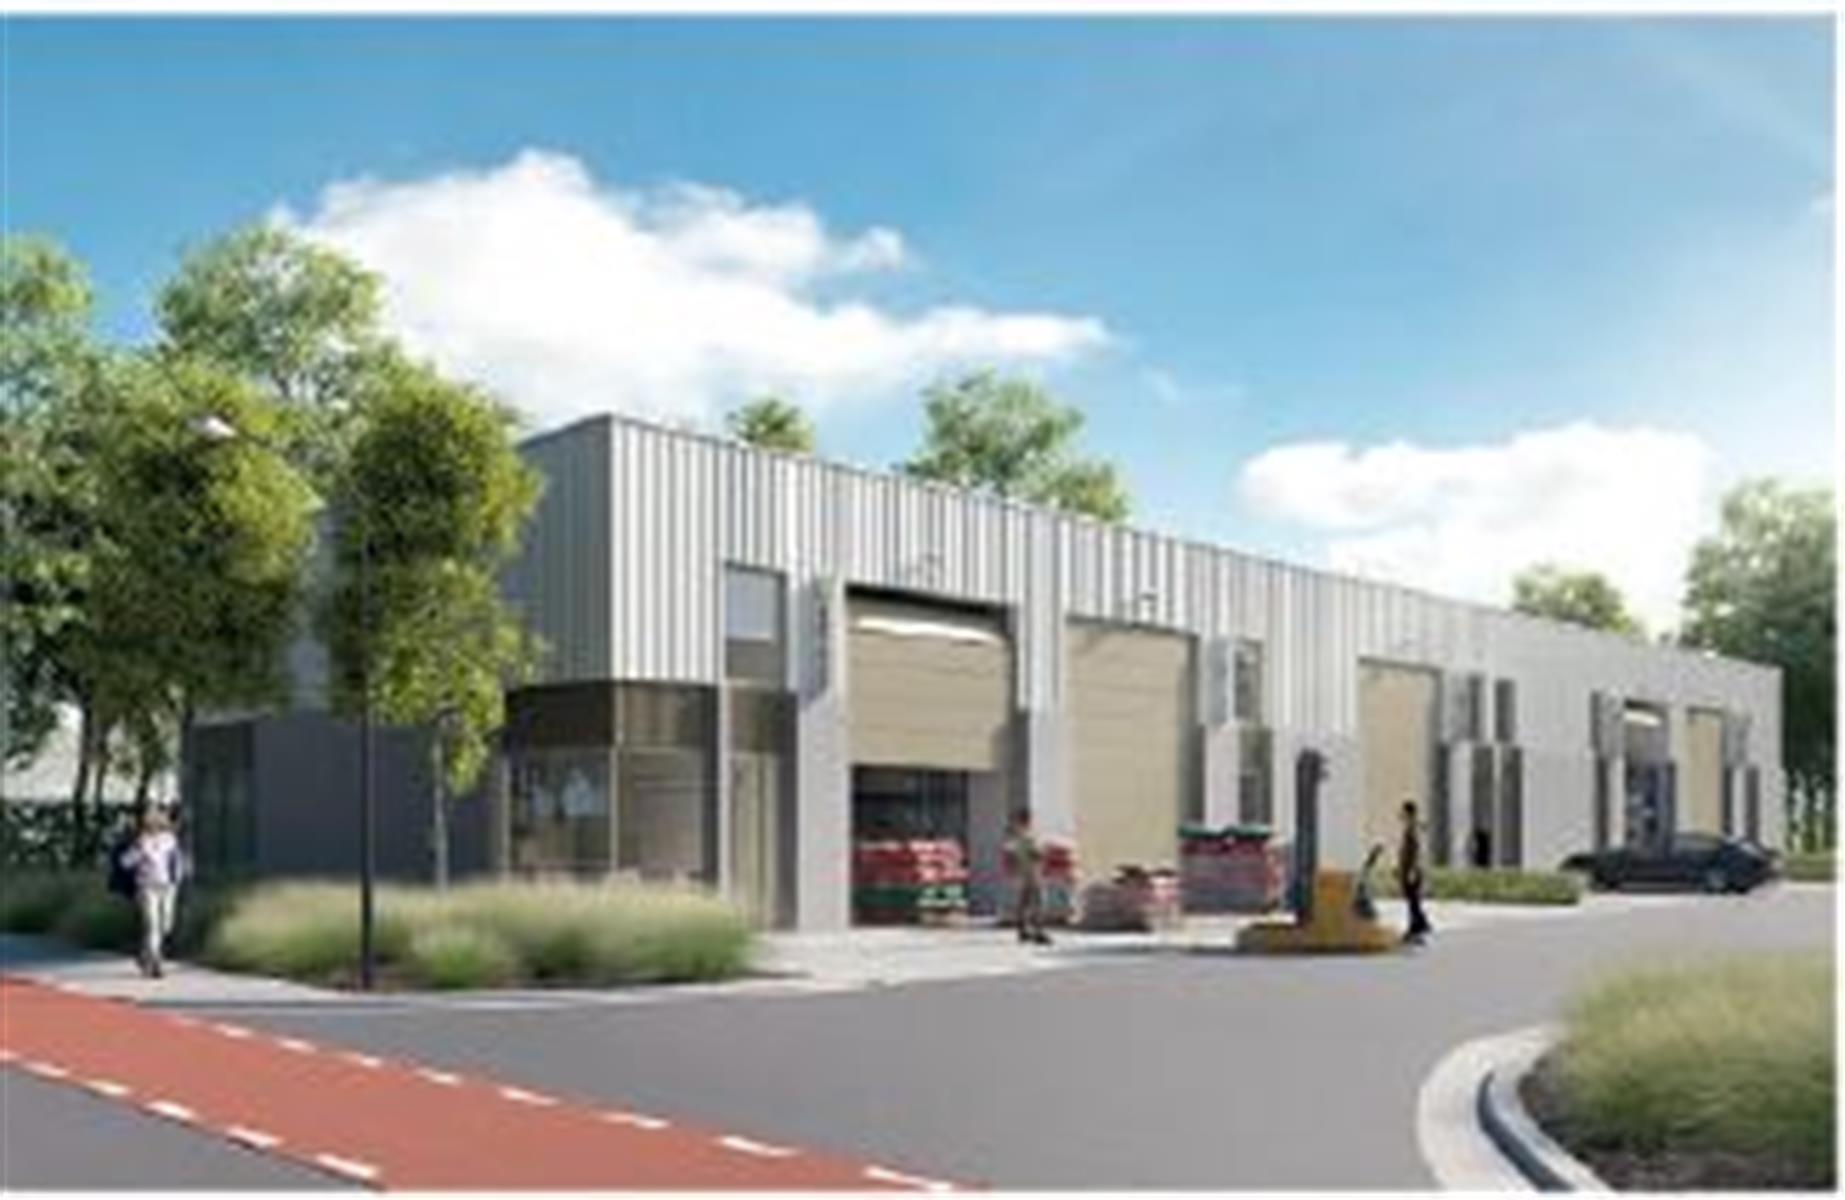 KMO-unit te koop Bollaarpark Lier - 2500 Lier, België 5